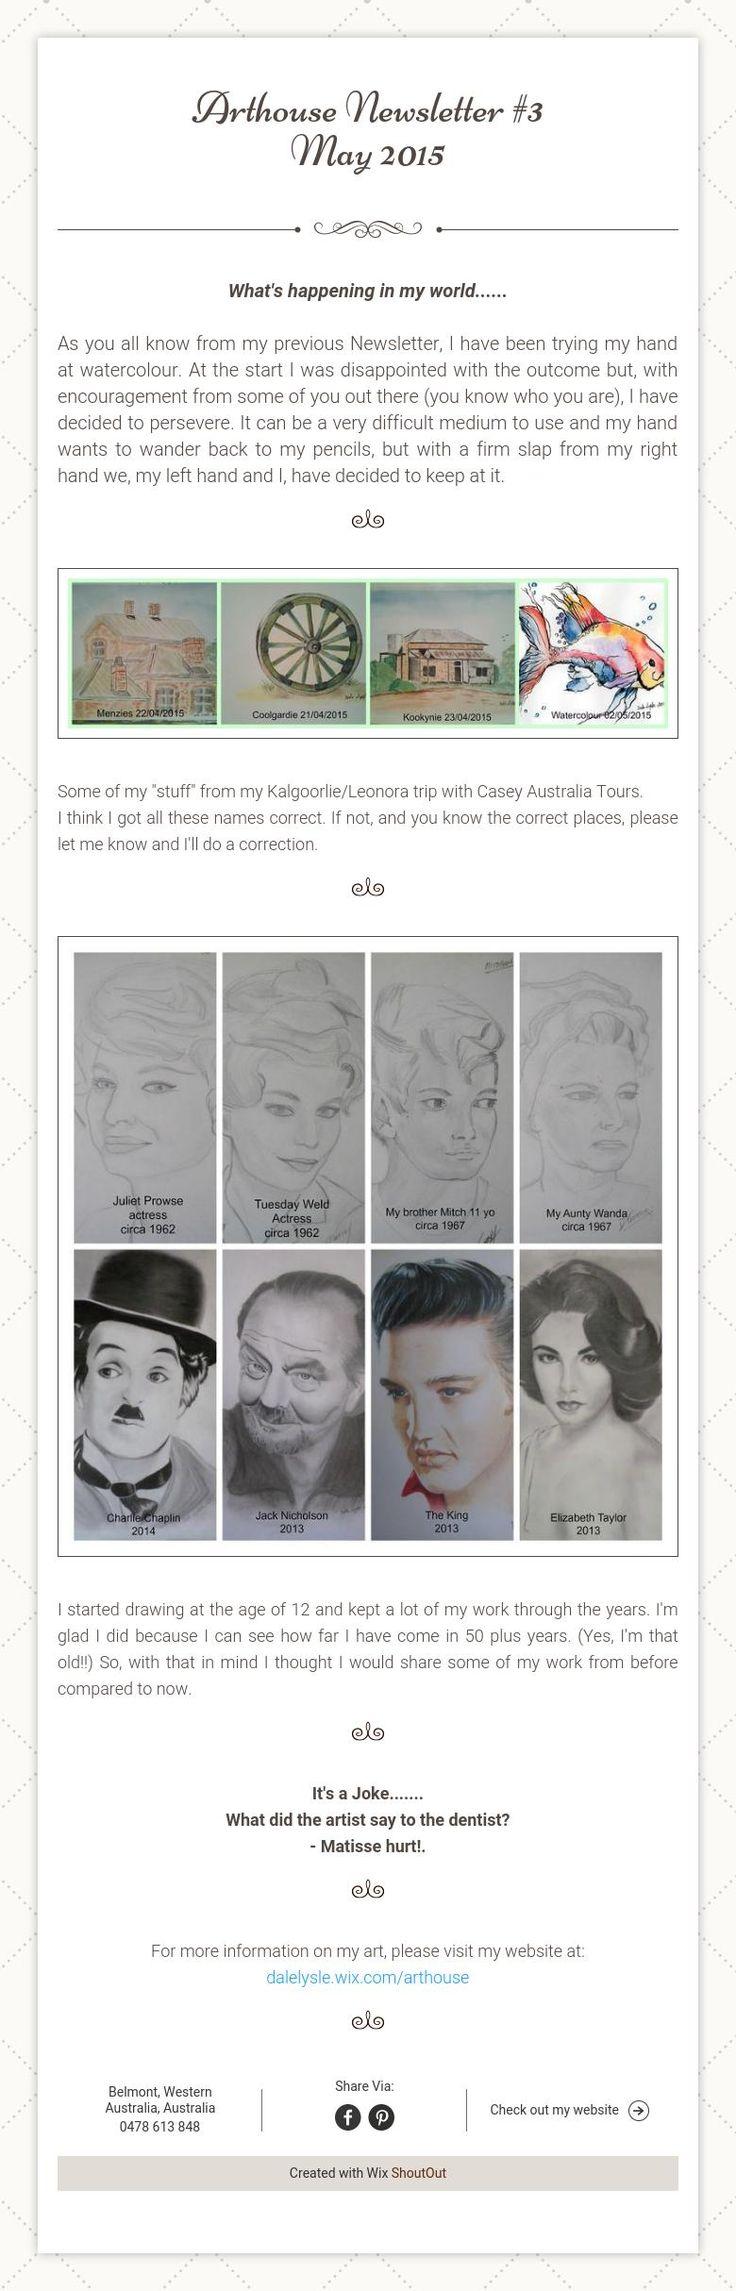 ArthouseNewsletter